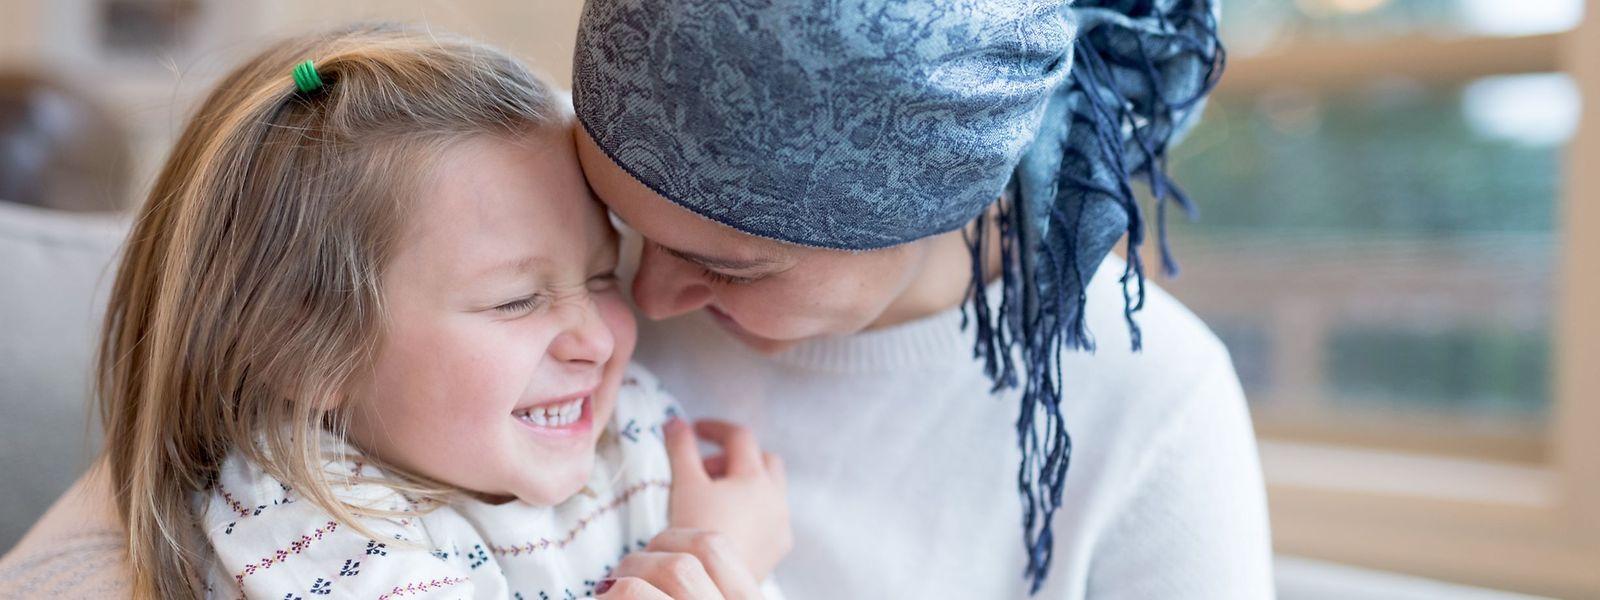 Jeder Patient muss selbst entscheiden, wie und ob er seine Angehörigen über die Krebsdiagnose in Kenntnis setzt. Experten raten Betroffenen jedoch dazu, vor allem die eigenen Kinder über die Erkrankung aufzuklären und sie nicht zu verschweigen.